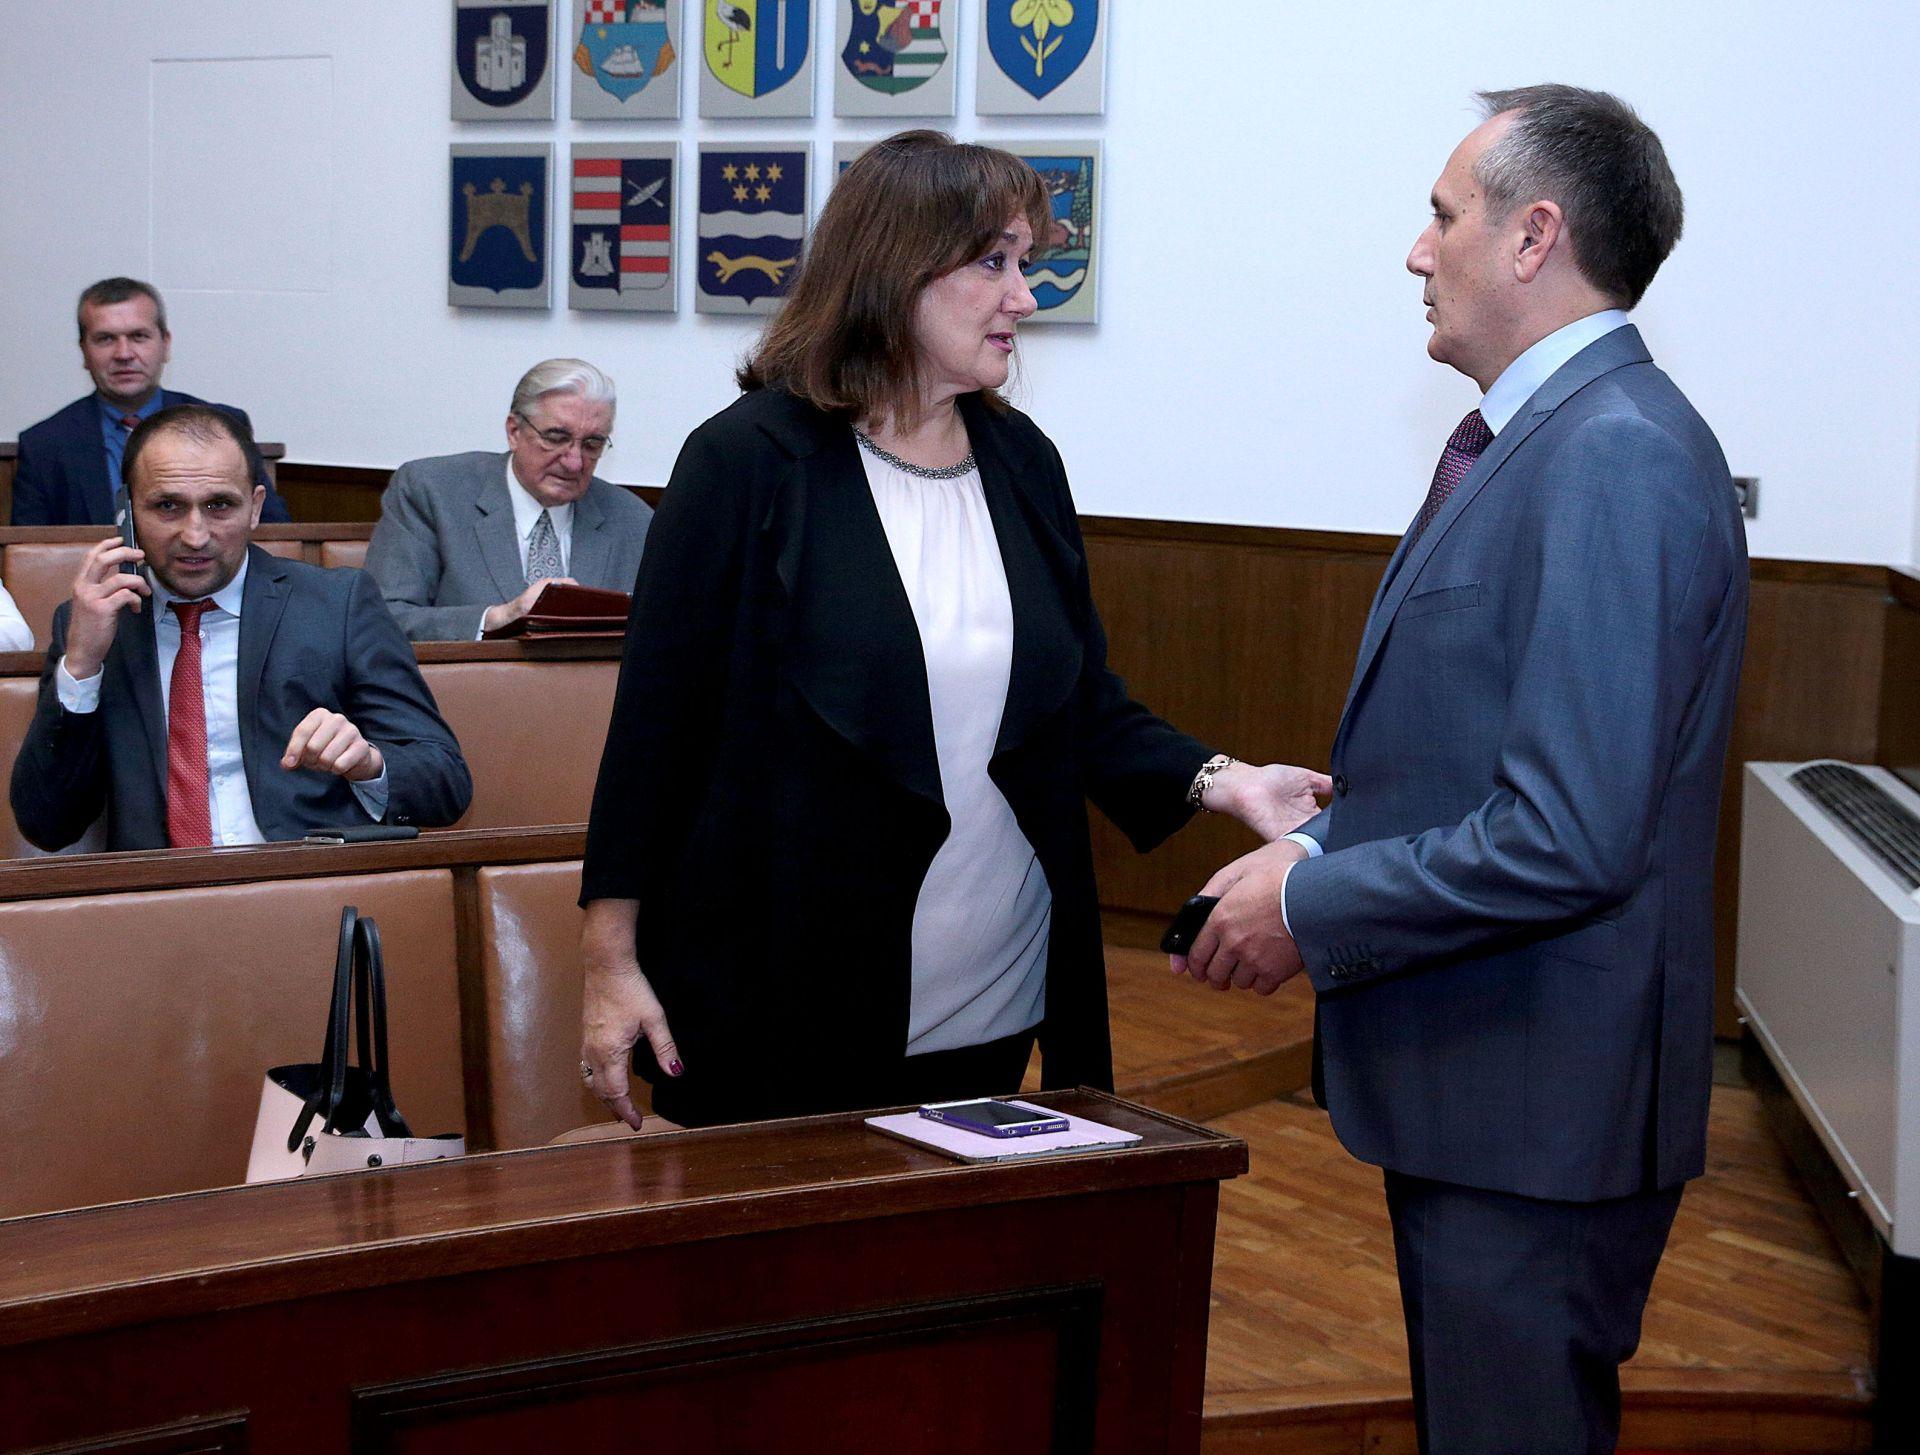 ŠUICA O BIH: Sankcije Dodiku i pregovori o promjeni Daytona